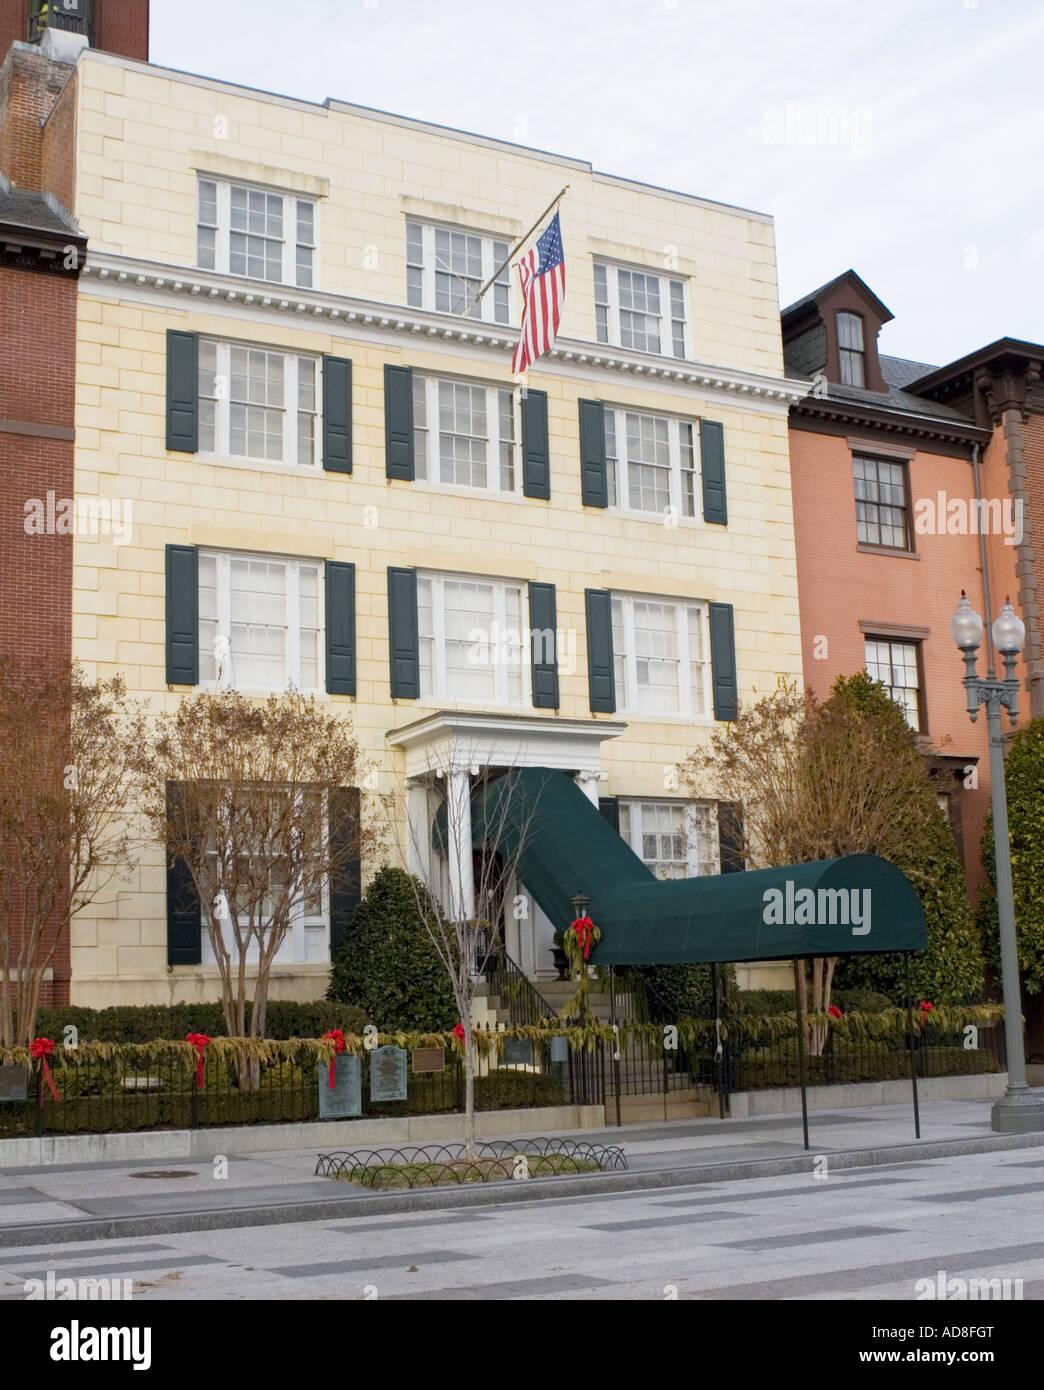 Blair House Washington DC Stock Photo: 13339511 - Alamy